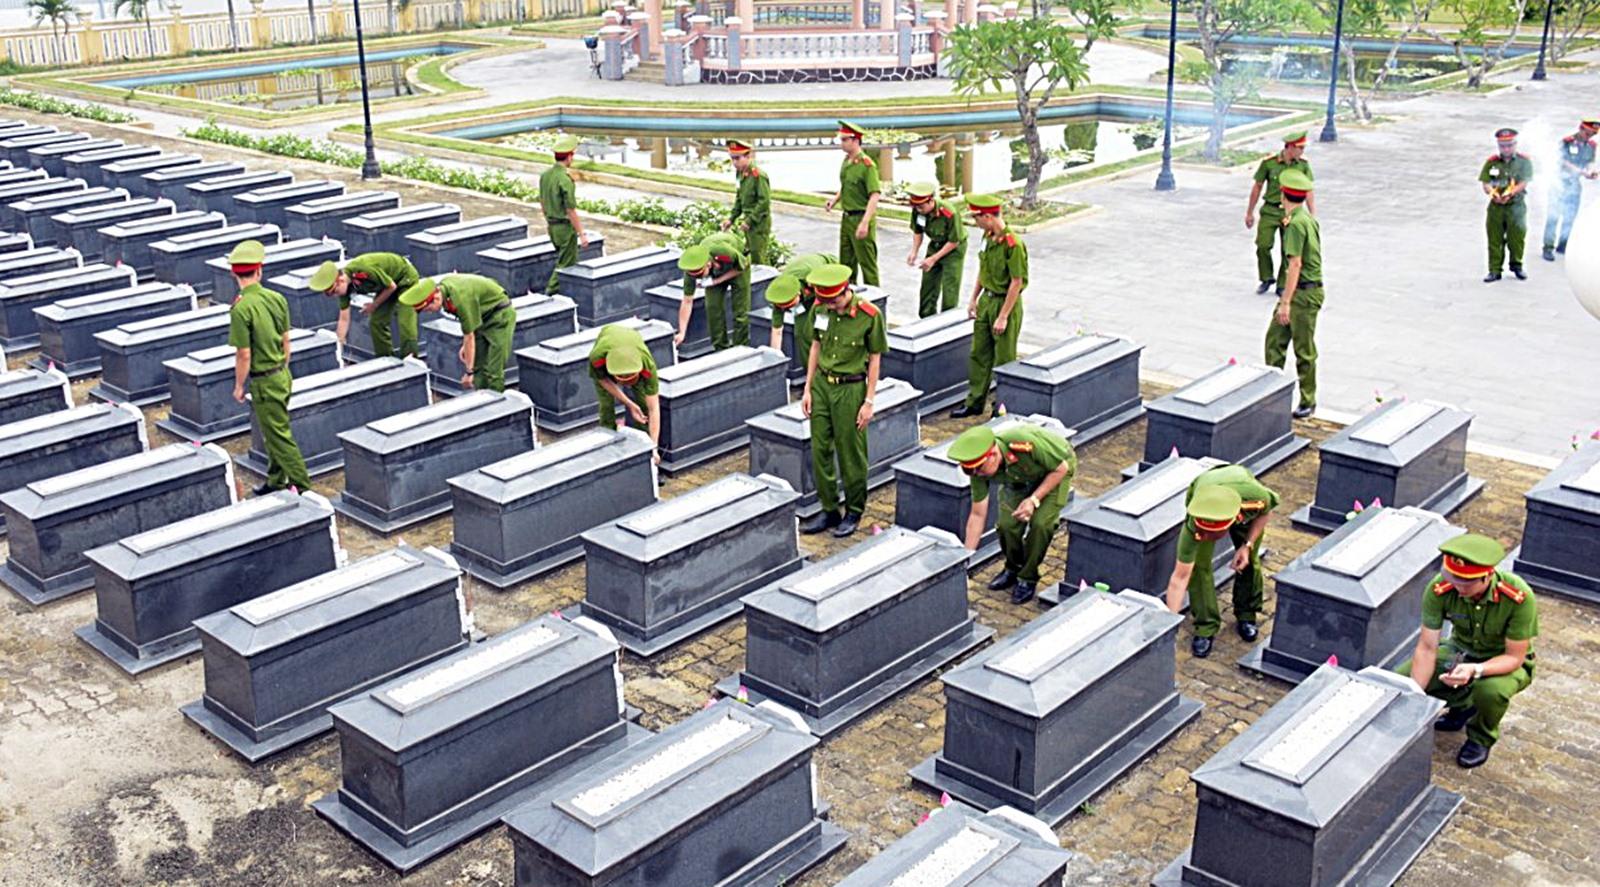 Trường Trung cấp CSND V dâng hương tri ân Chủ tịch Hồ Chí Minh và anh hùng, liệt sĩ